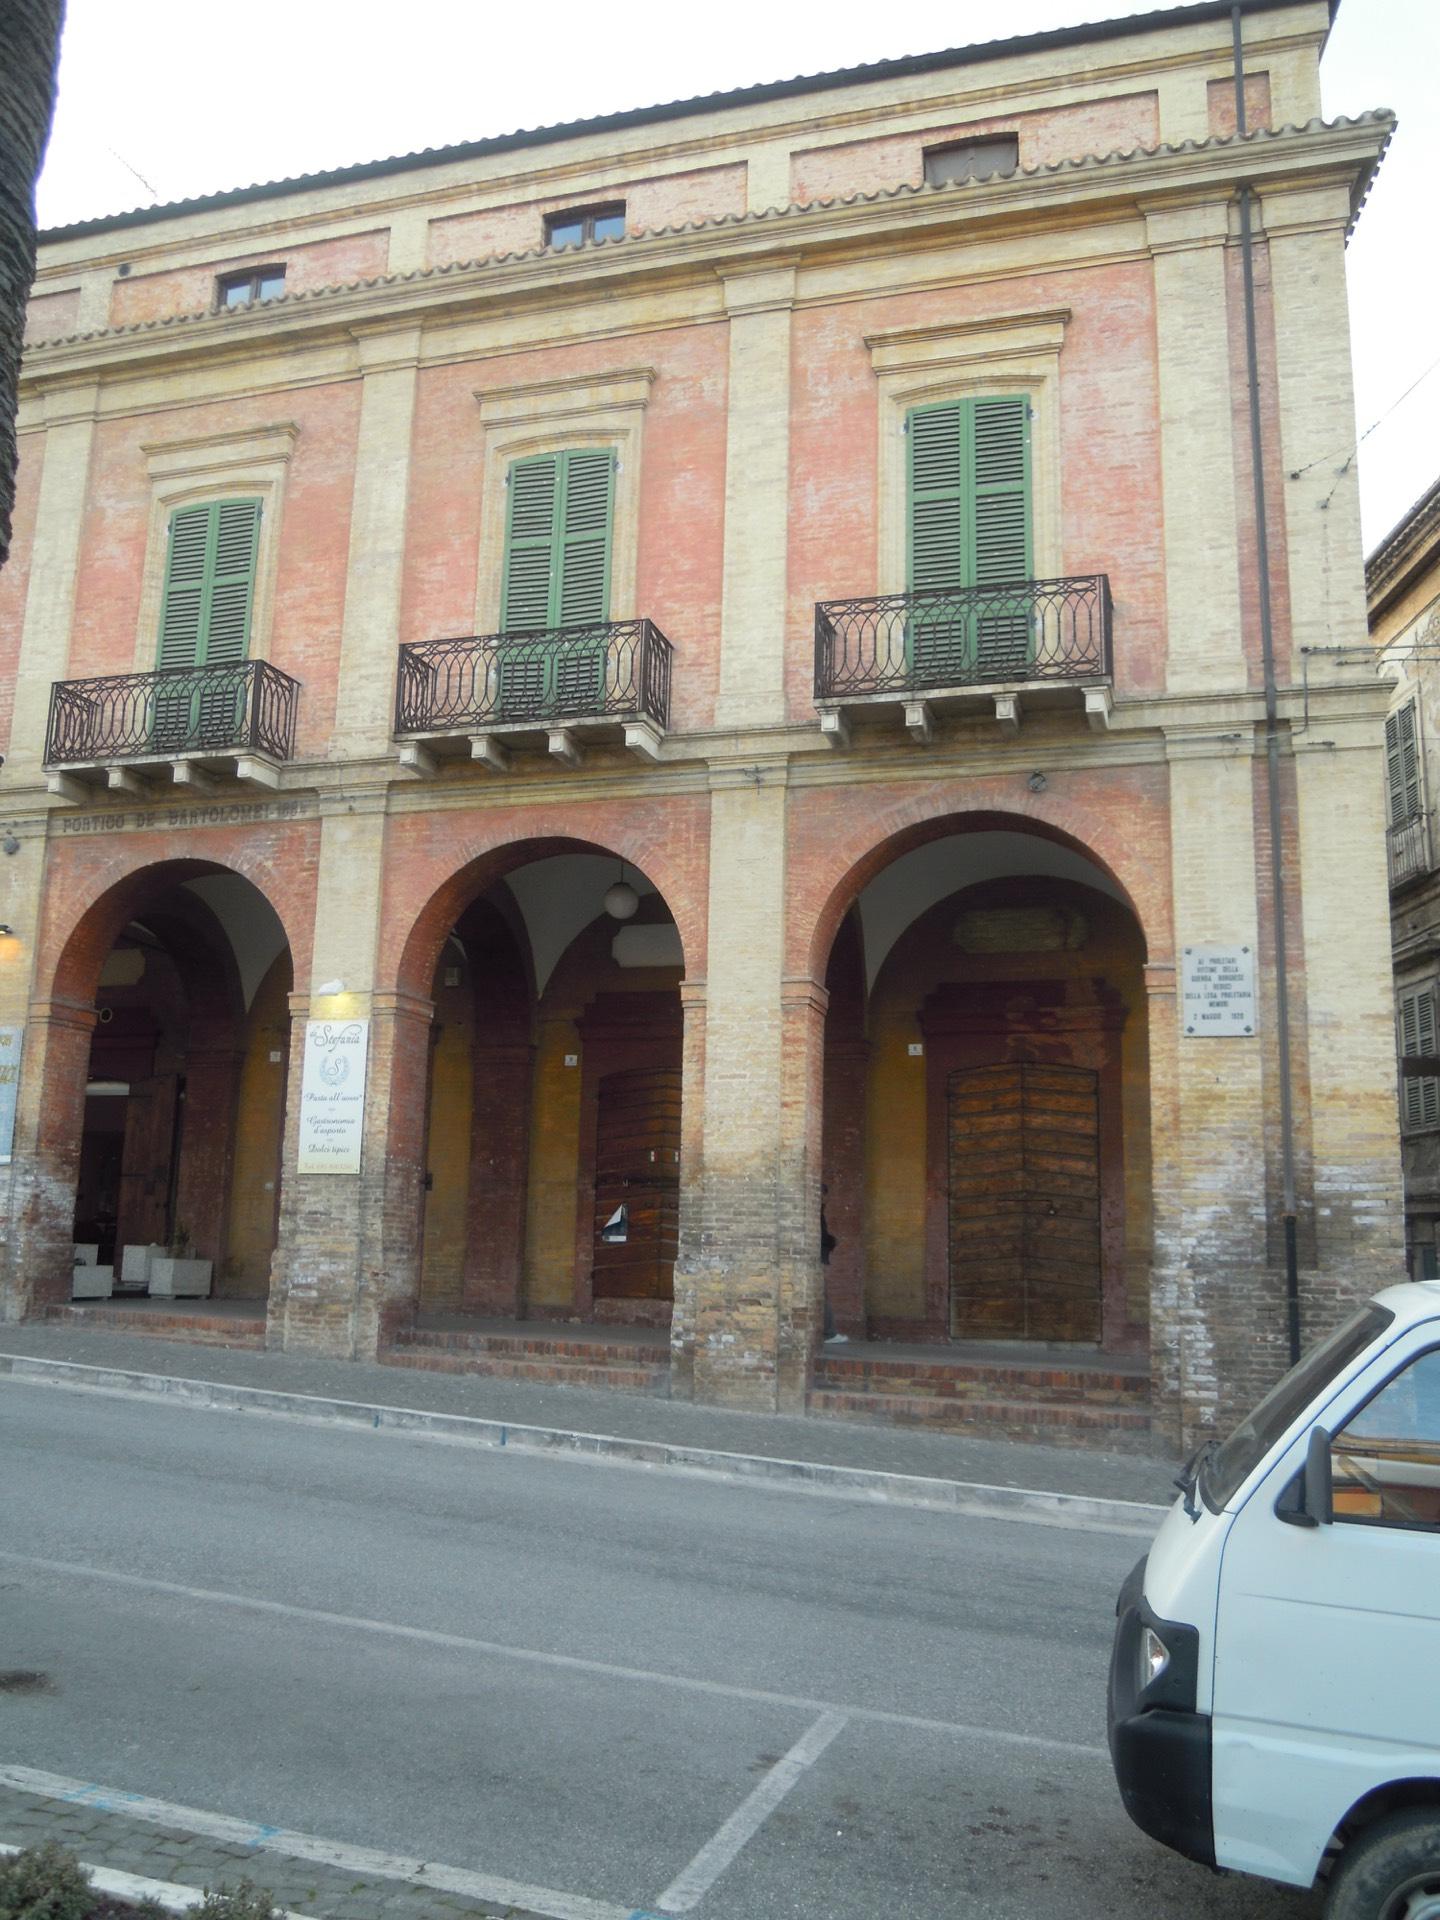 Attico / Mansarda in vendita a Giulianova, 130 locali, zona Località: Paese, prezzo € 320.000   PortaleAgenzieImmobiliari.it